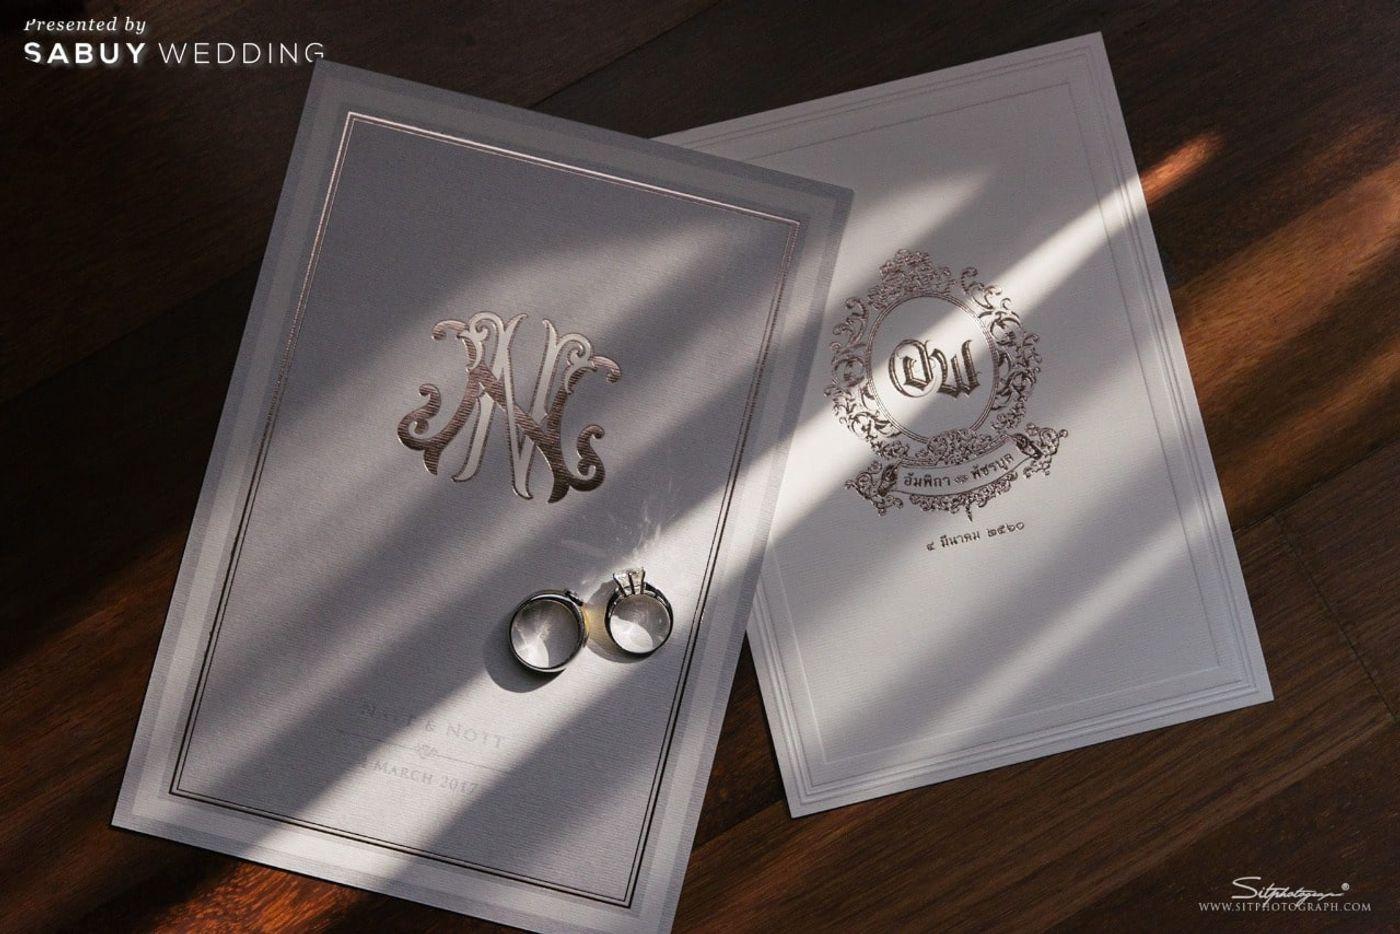 การ์ดแต่งงาน,แหวนแต่งงาน รีวิวงานแต่งแห่งปีของอยุธยา หรูหราด้วยโทนสี Rose Gold @Krungsri River Hotel